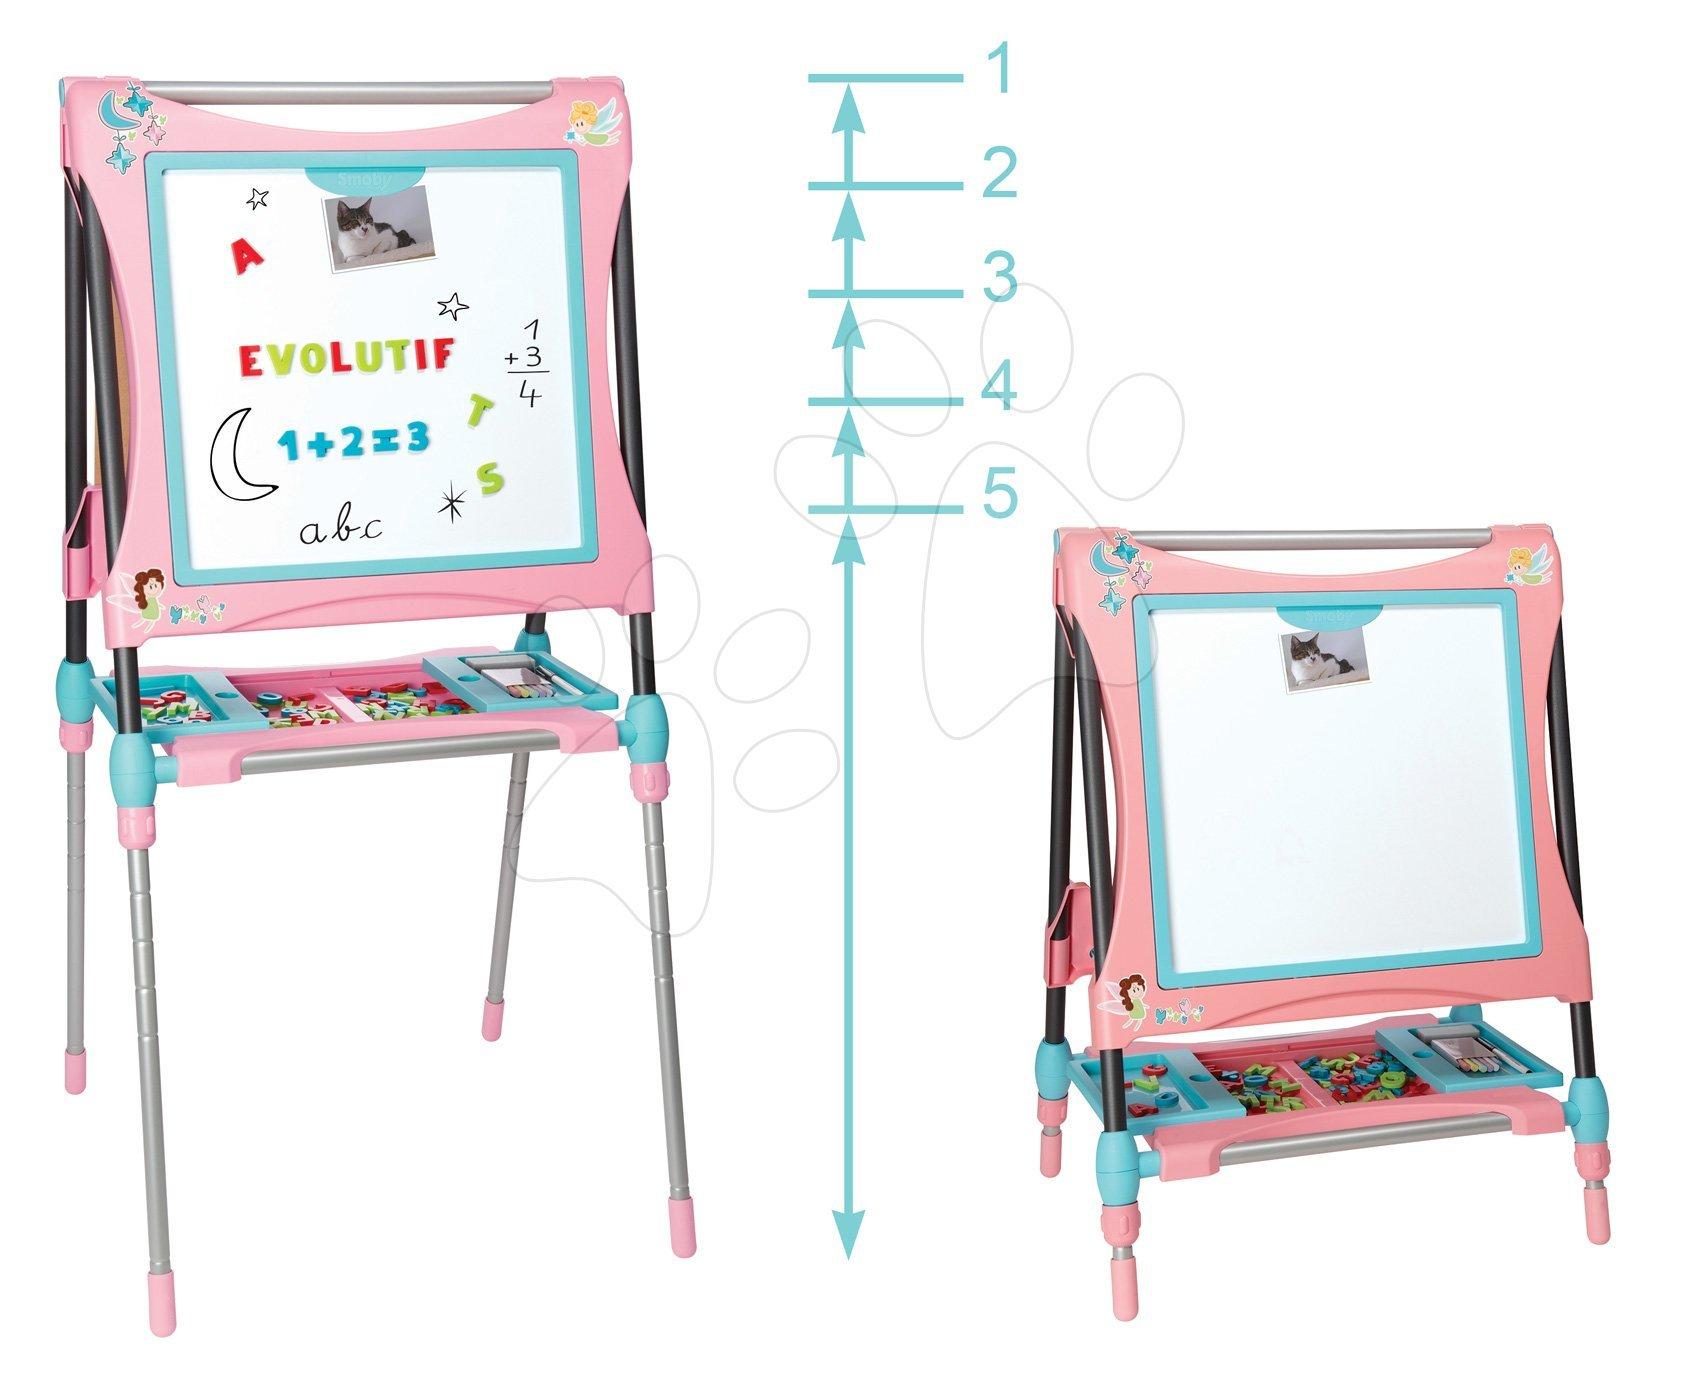 Školská tabuľa na hranie magnetická Smoby obojstranná, polohovateľná so skrinkou a 80 doplnkami ružová